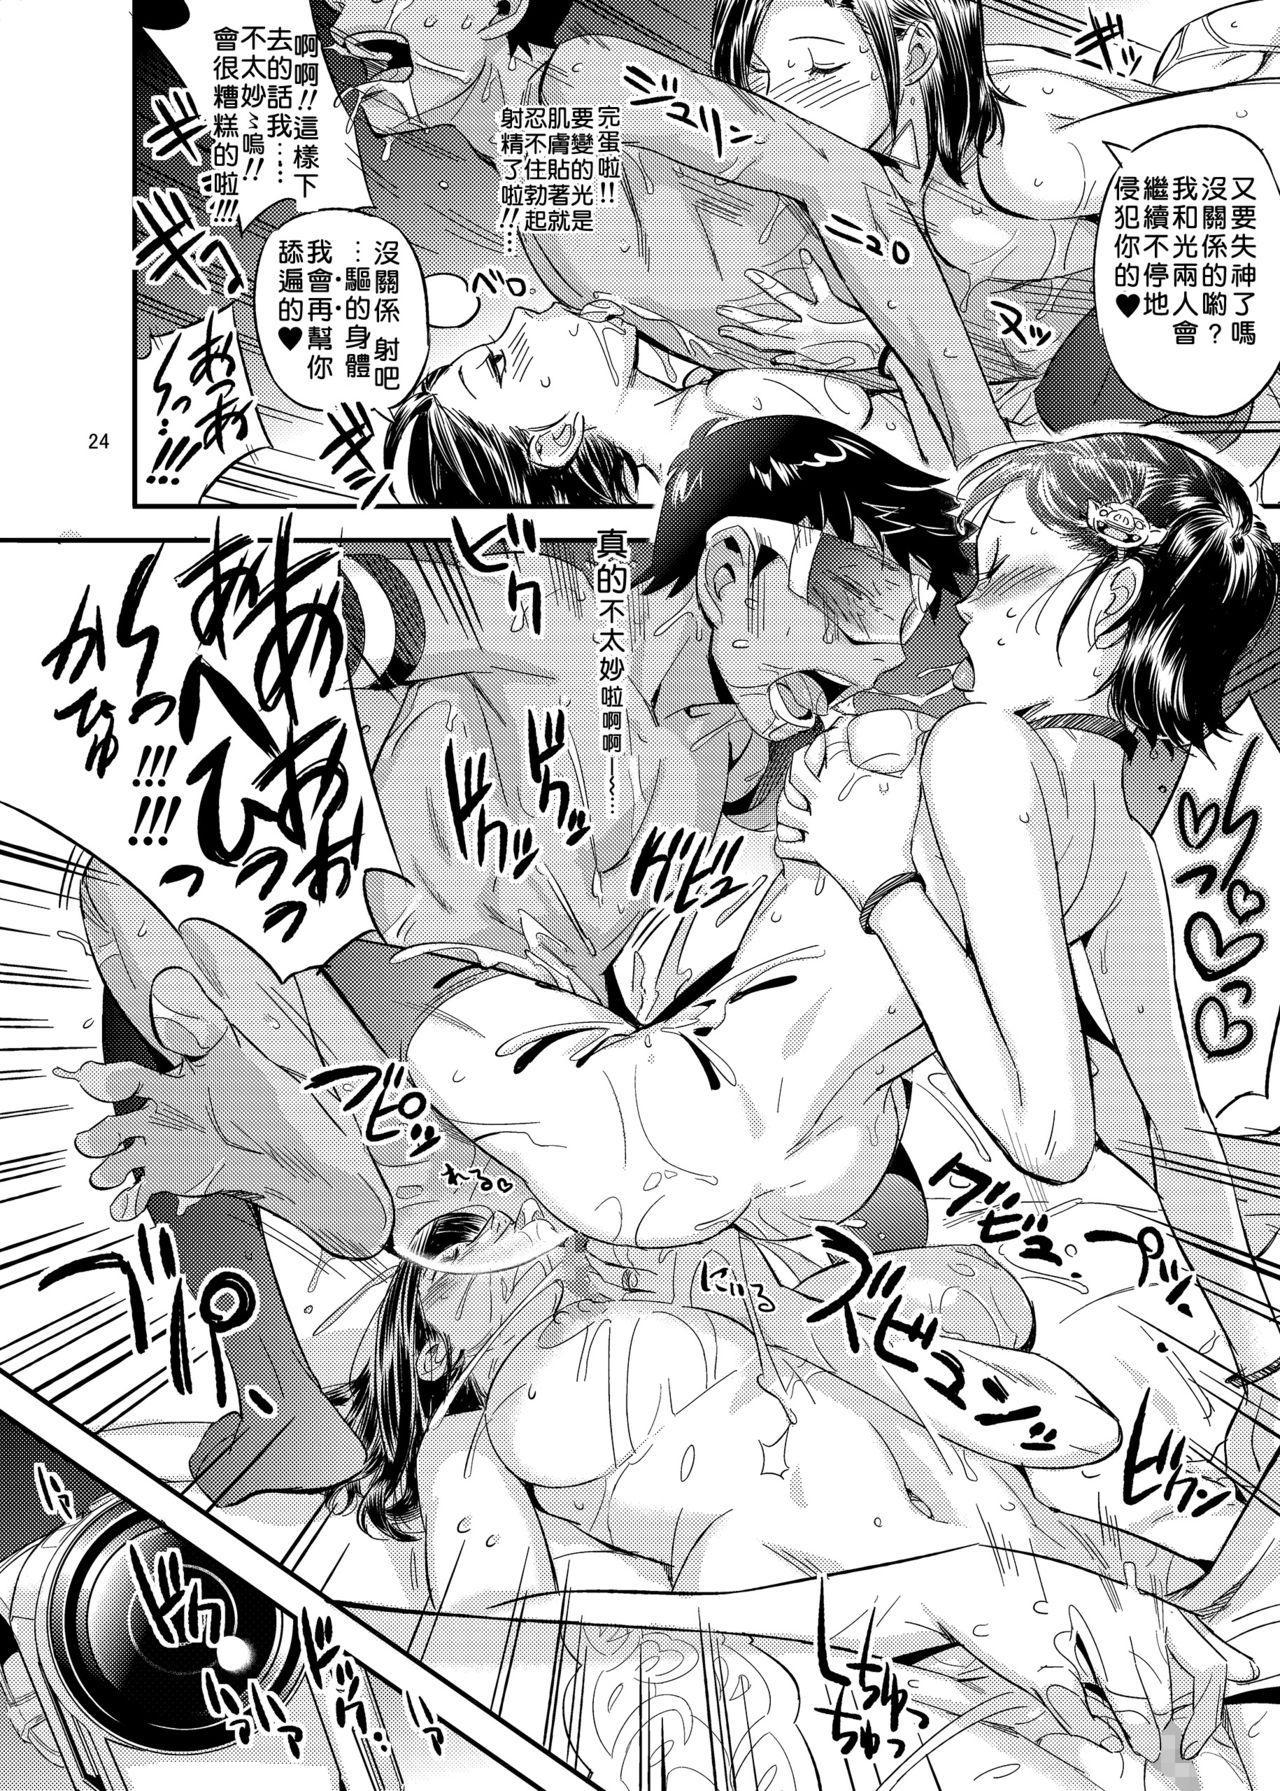 Hikari no Housoku 23